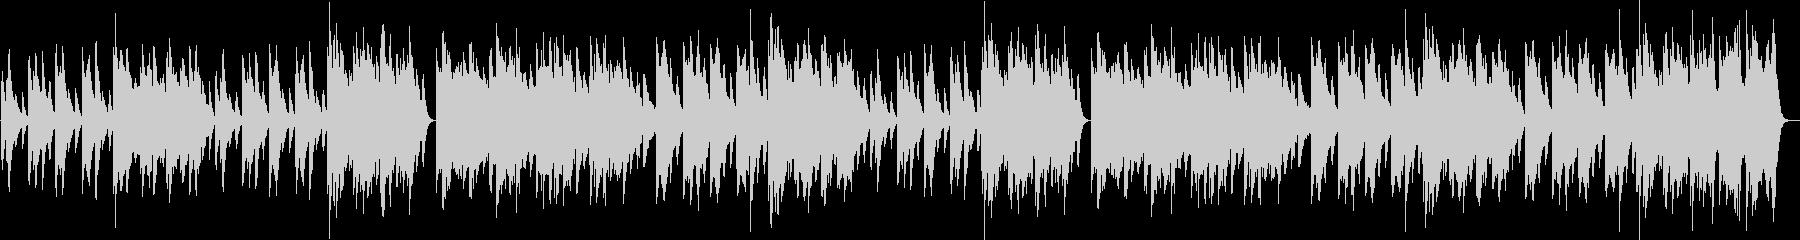 ウインターワンダーランドピアノBGM♪の未再生の波形